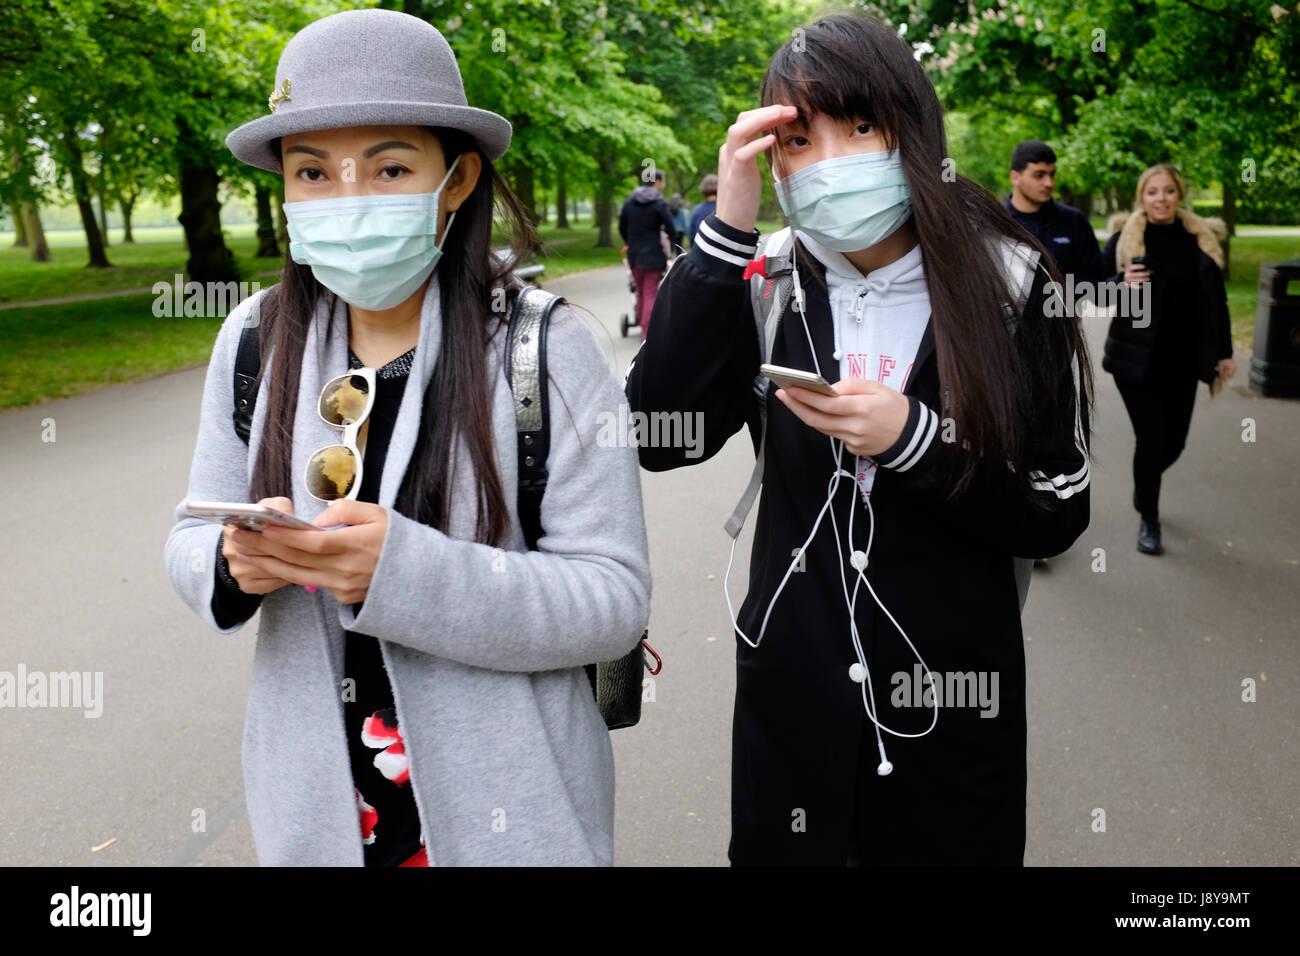 Due giovani donne asiatiche inquinamento da indossare maschere viso in un parco di Londra, Inghilterra, Regno Unito. Immagini Stock